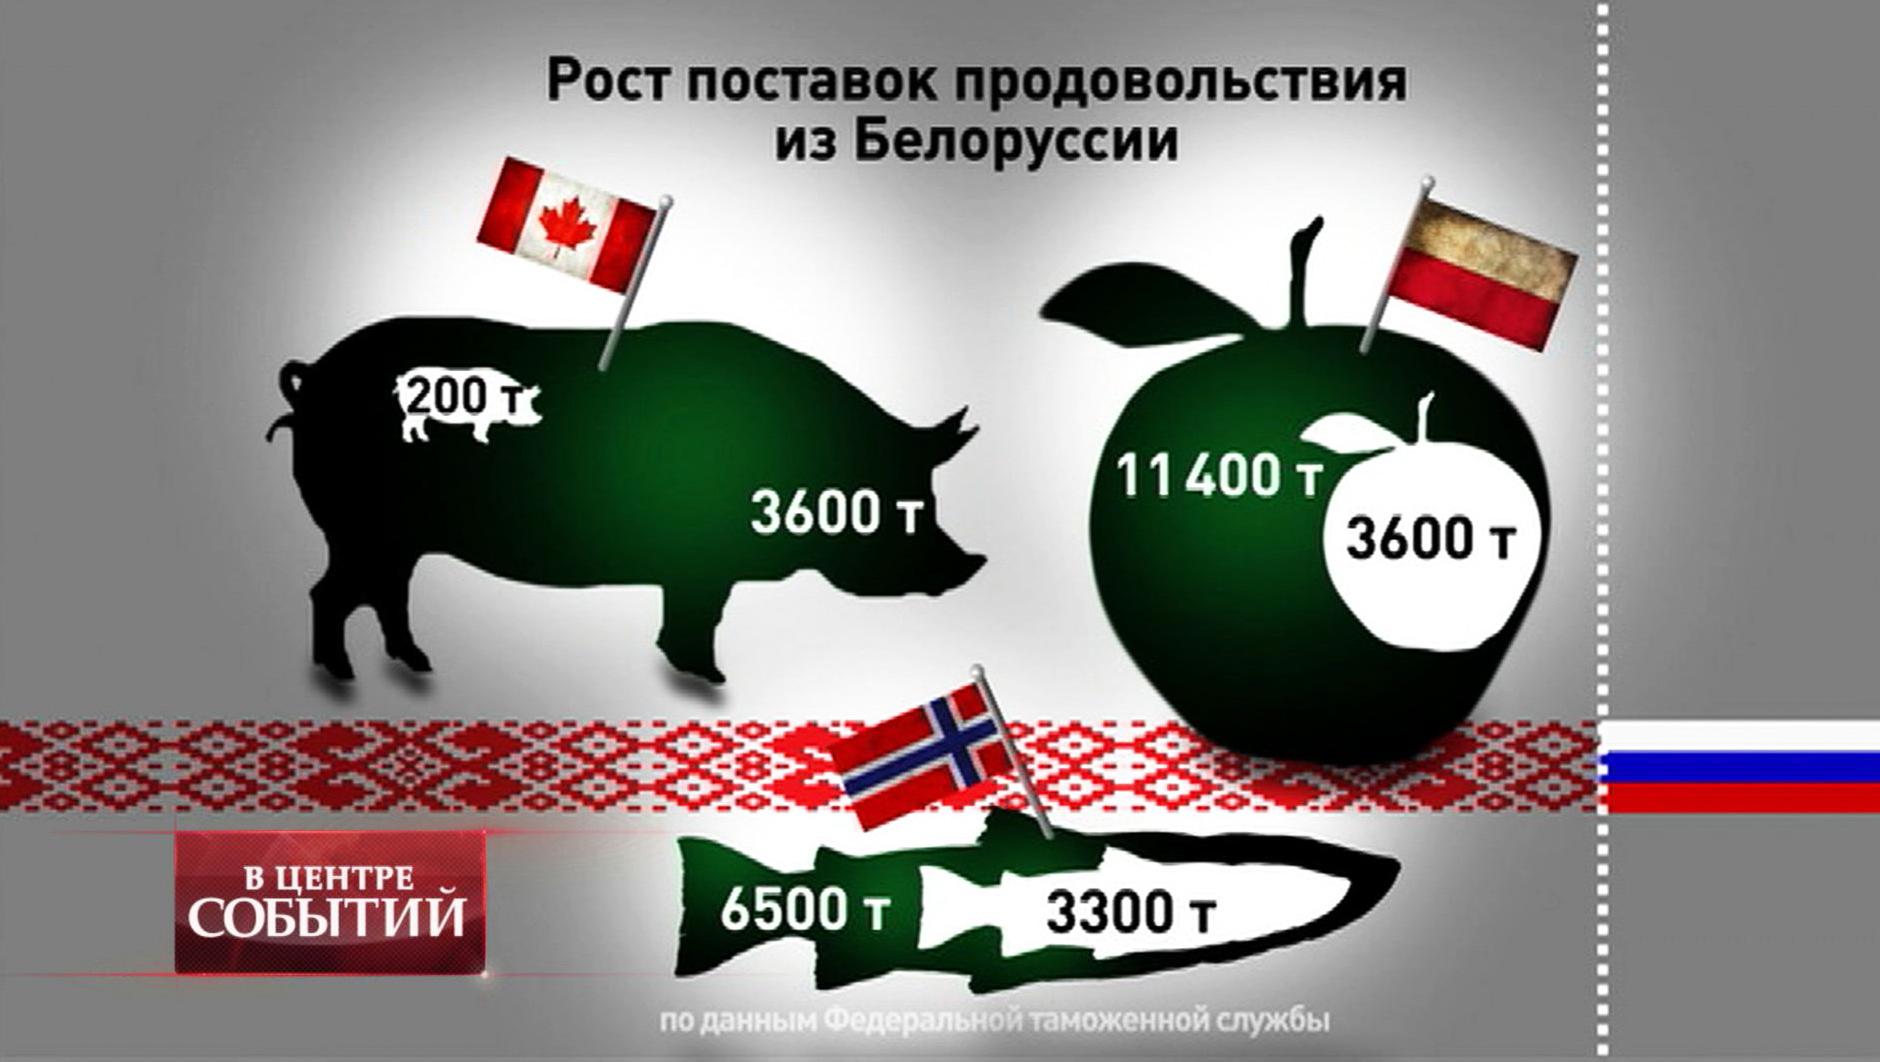 Рост поставок продовольствия из Белоруссии